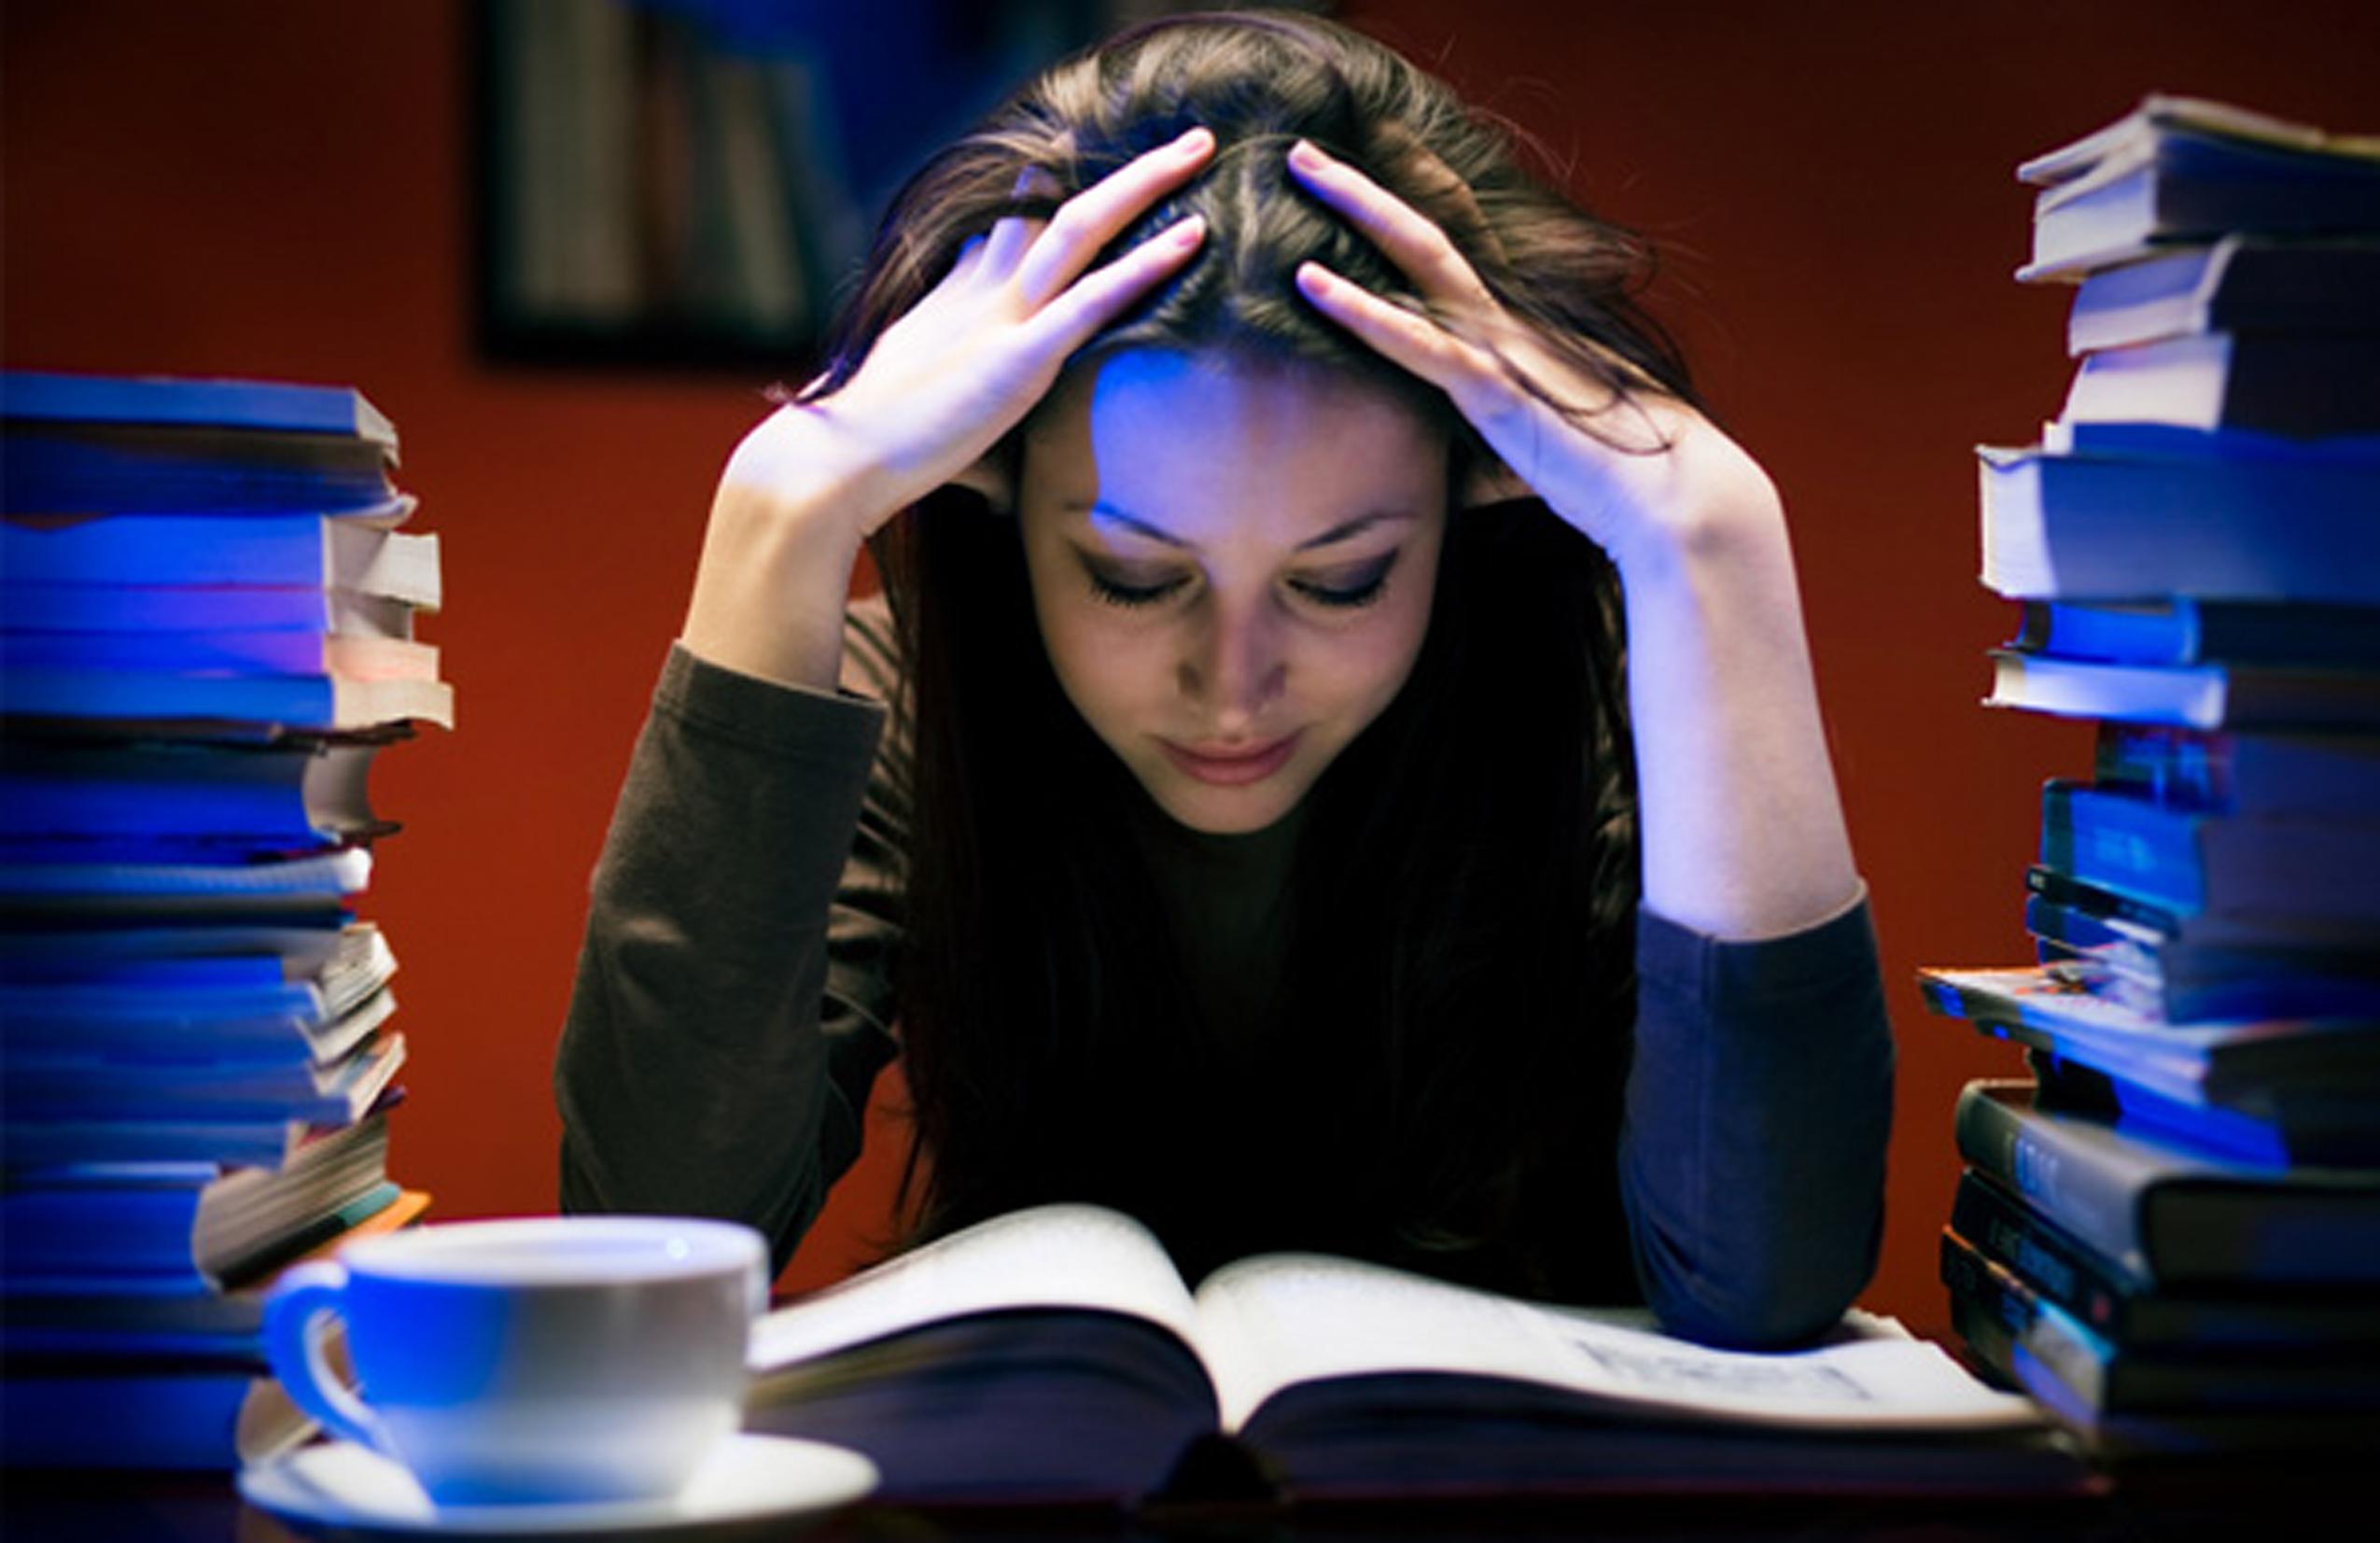 Danes sem lahko nesramna. Saj se vendar učim.